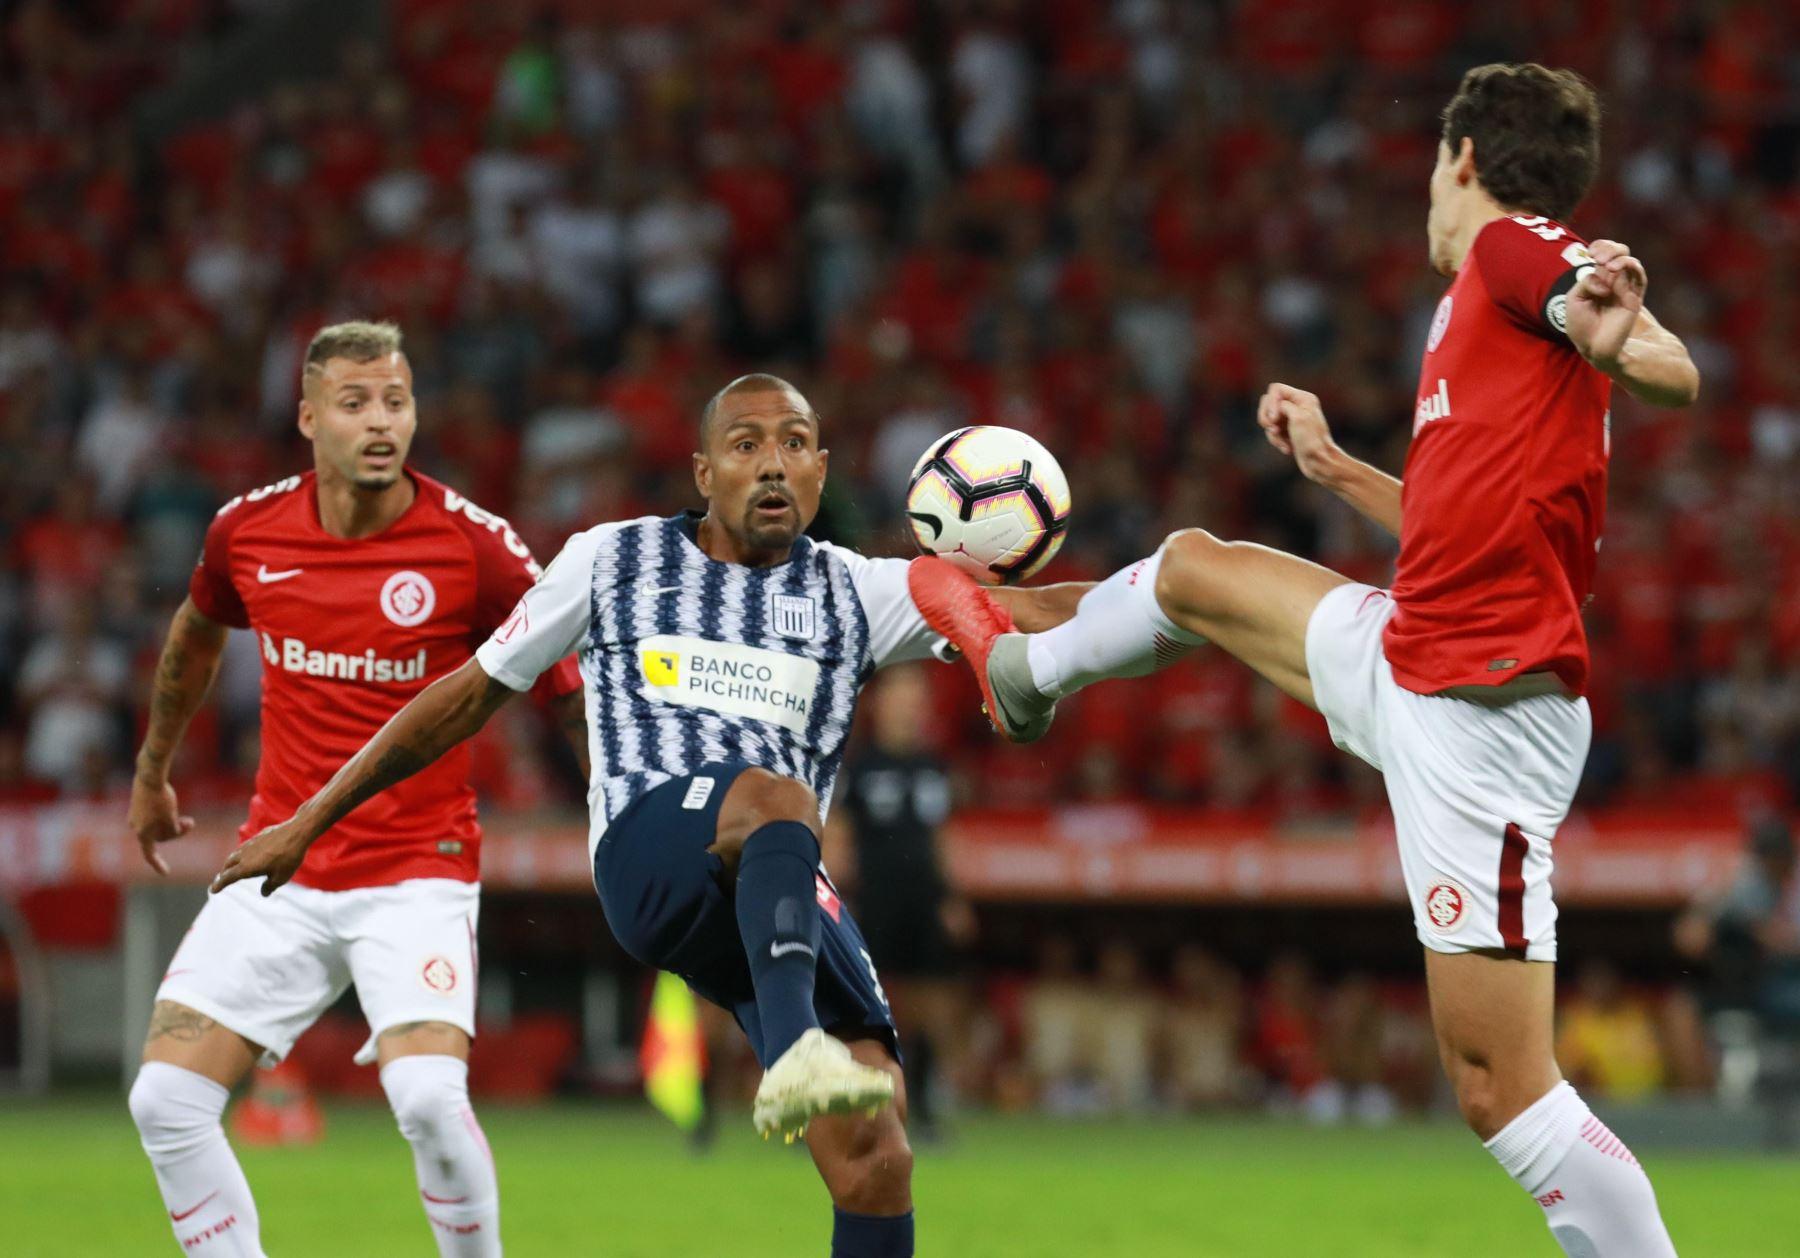 Rodrigo Dourado  de Internacional disputa el balón con Luis Alberto RamÌrez  de Alianza Lima durante un partido por la fase de grupos de la Copa Libertadores. Foto: EFE